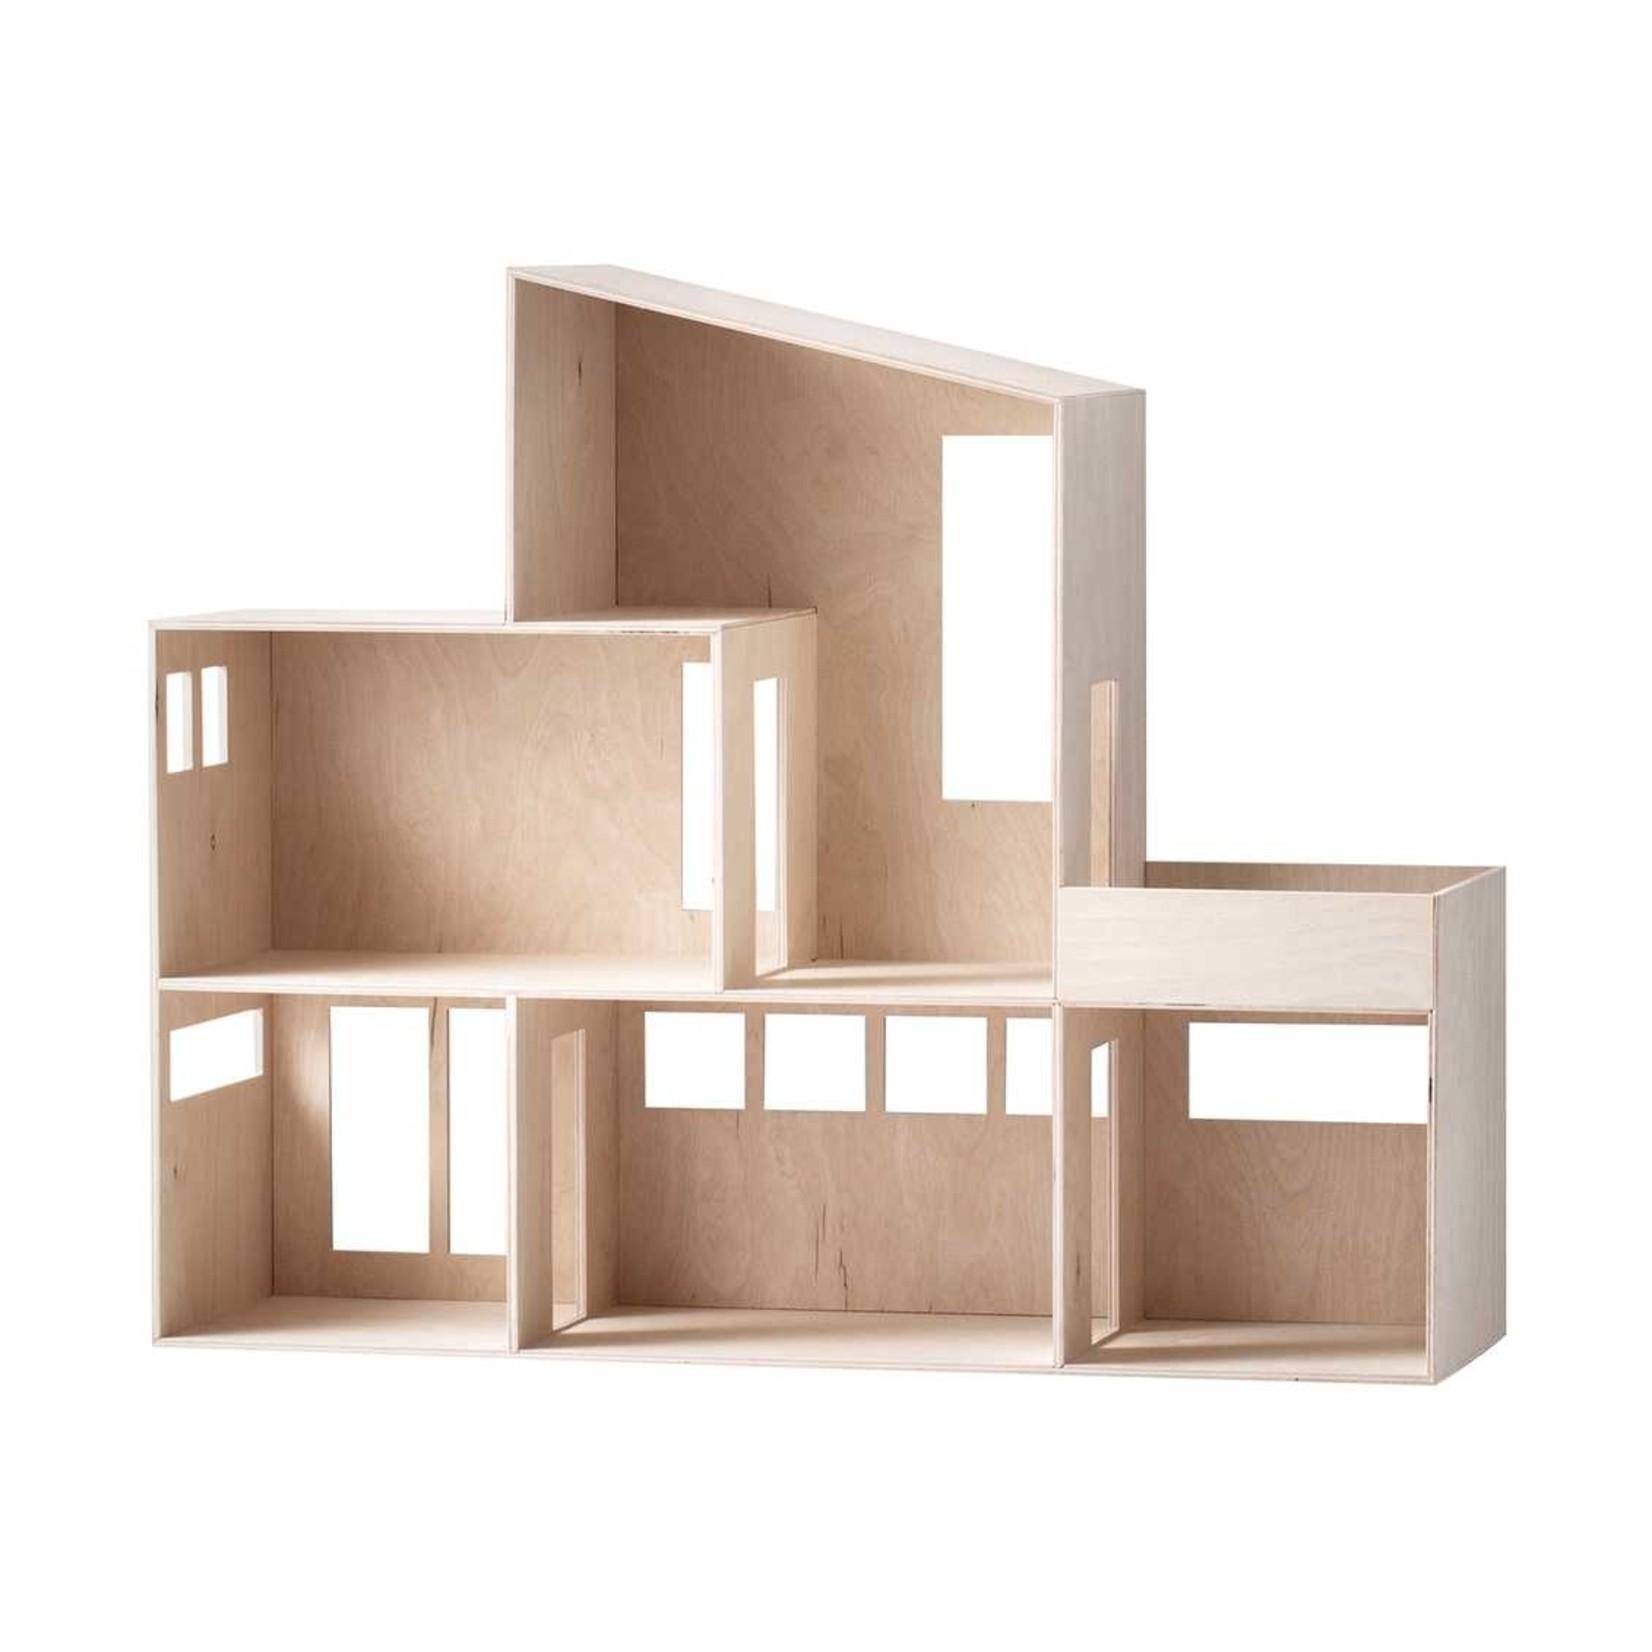 Ferm Living • poppenhuis miniature funkis house